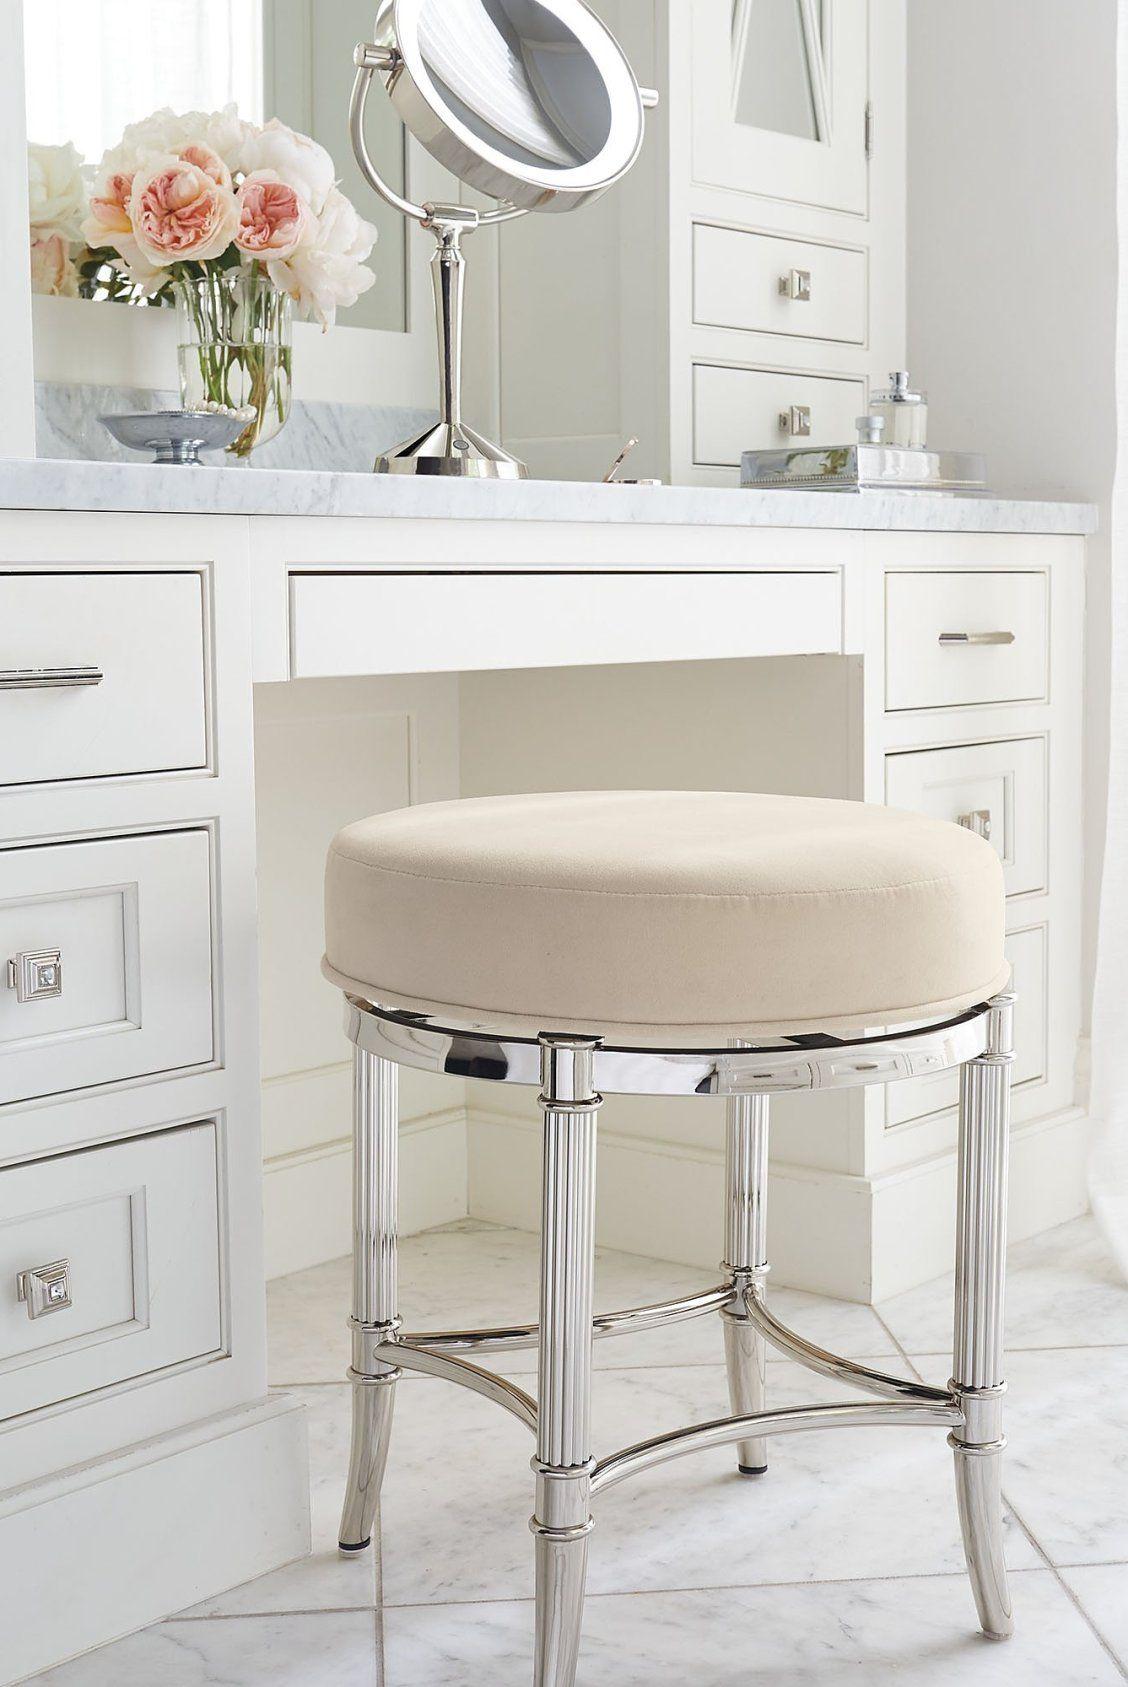 Bailey Swivel Vanity Stool Frontgate Vanity Stool Vanity Seat Vanity Chair